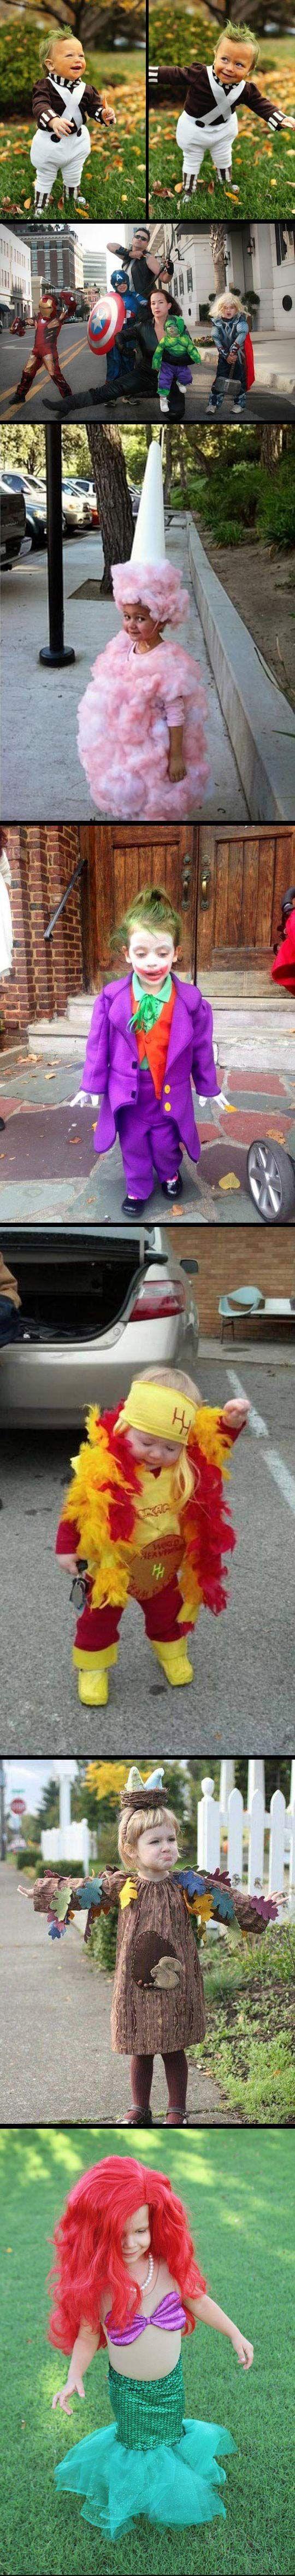 61 best Clown Shoes images on Pinterest